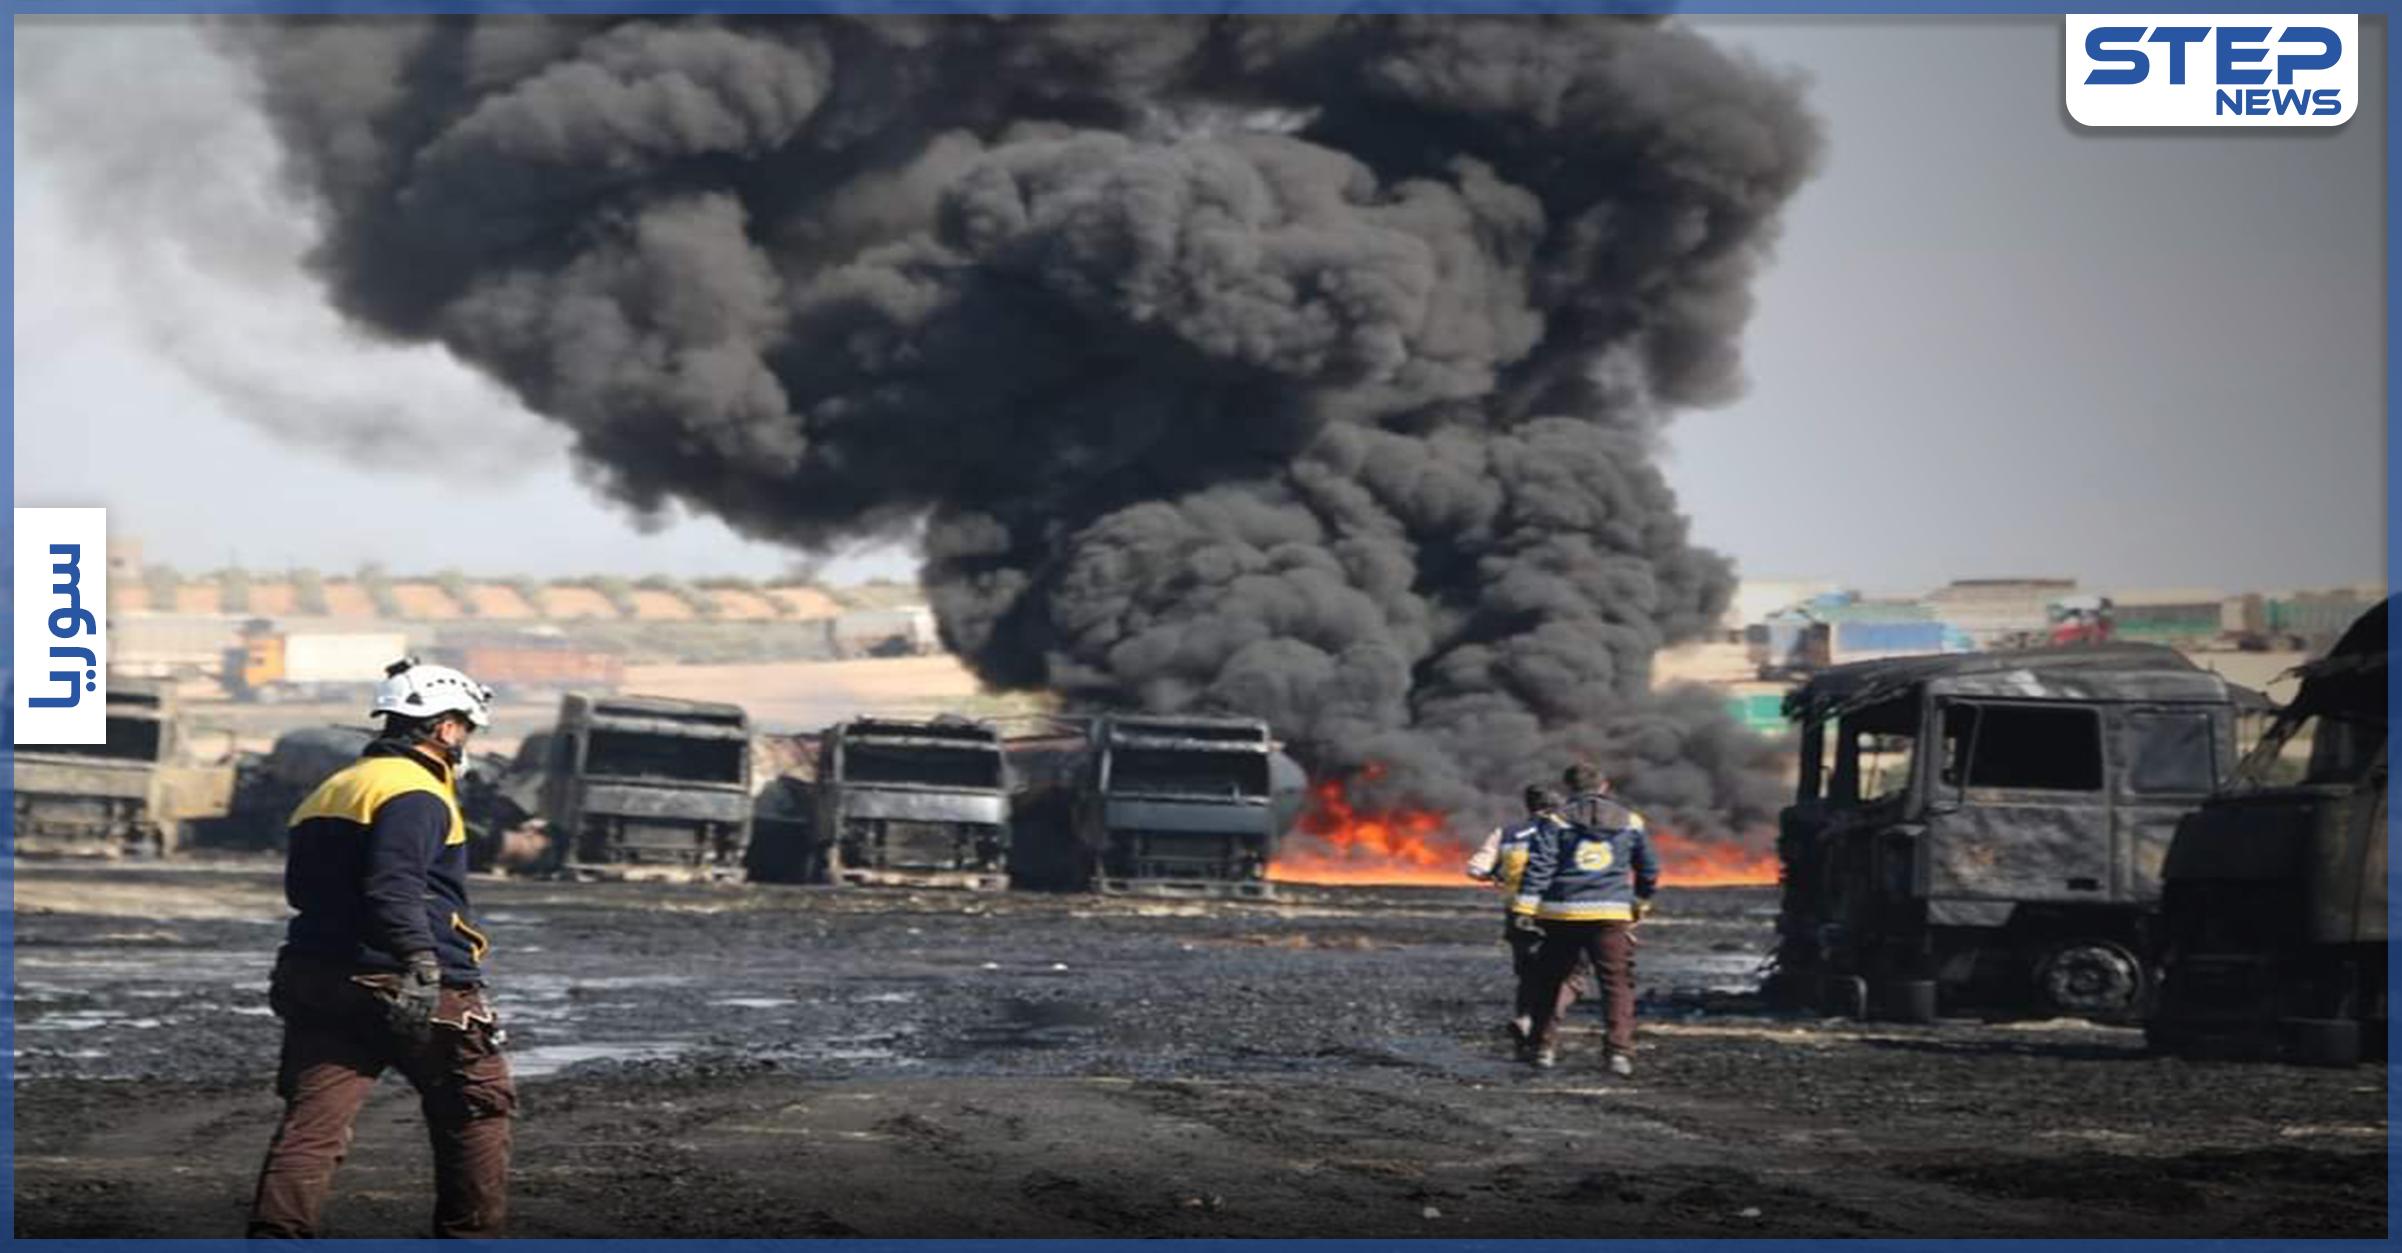 فيديو وصور || خسائر كبيرة بعد القصف الروسي على منطقتي ترحين والحمران بريف حلب